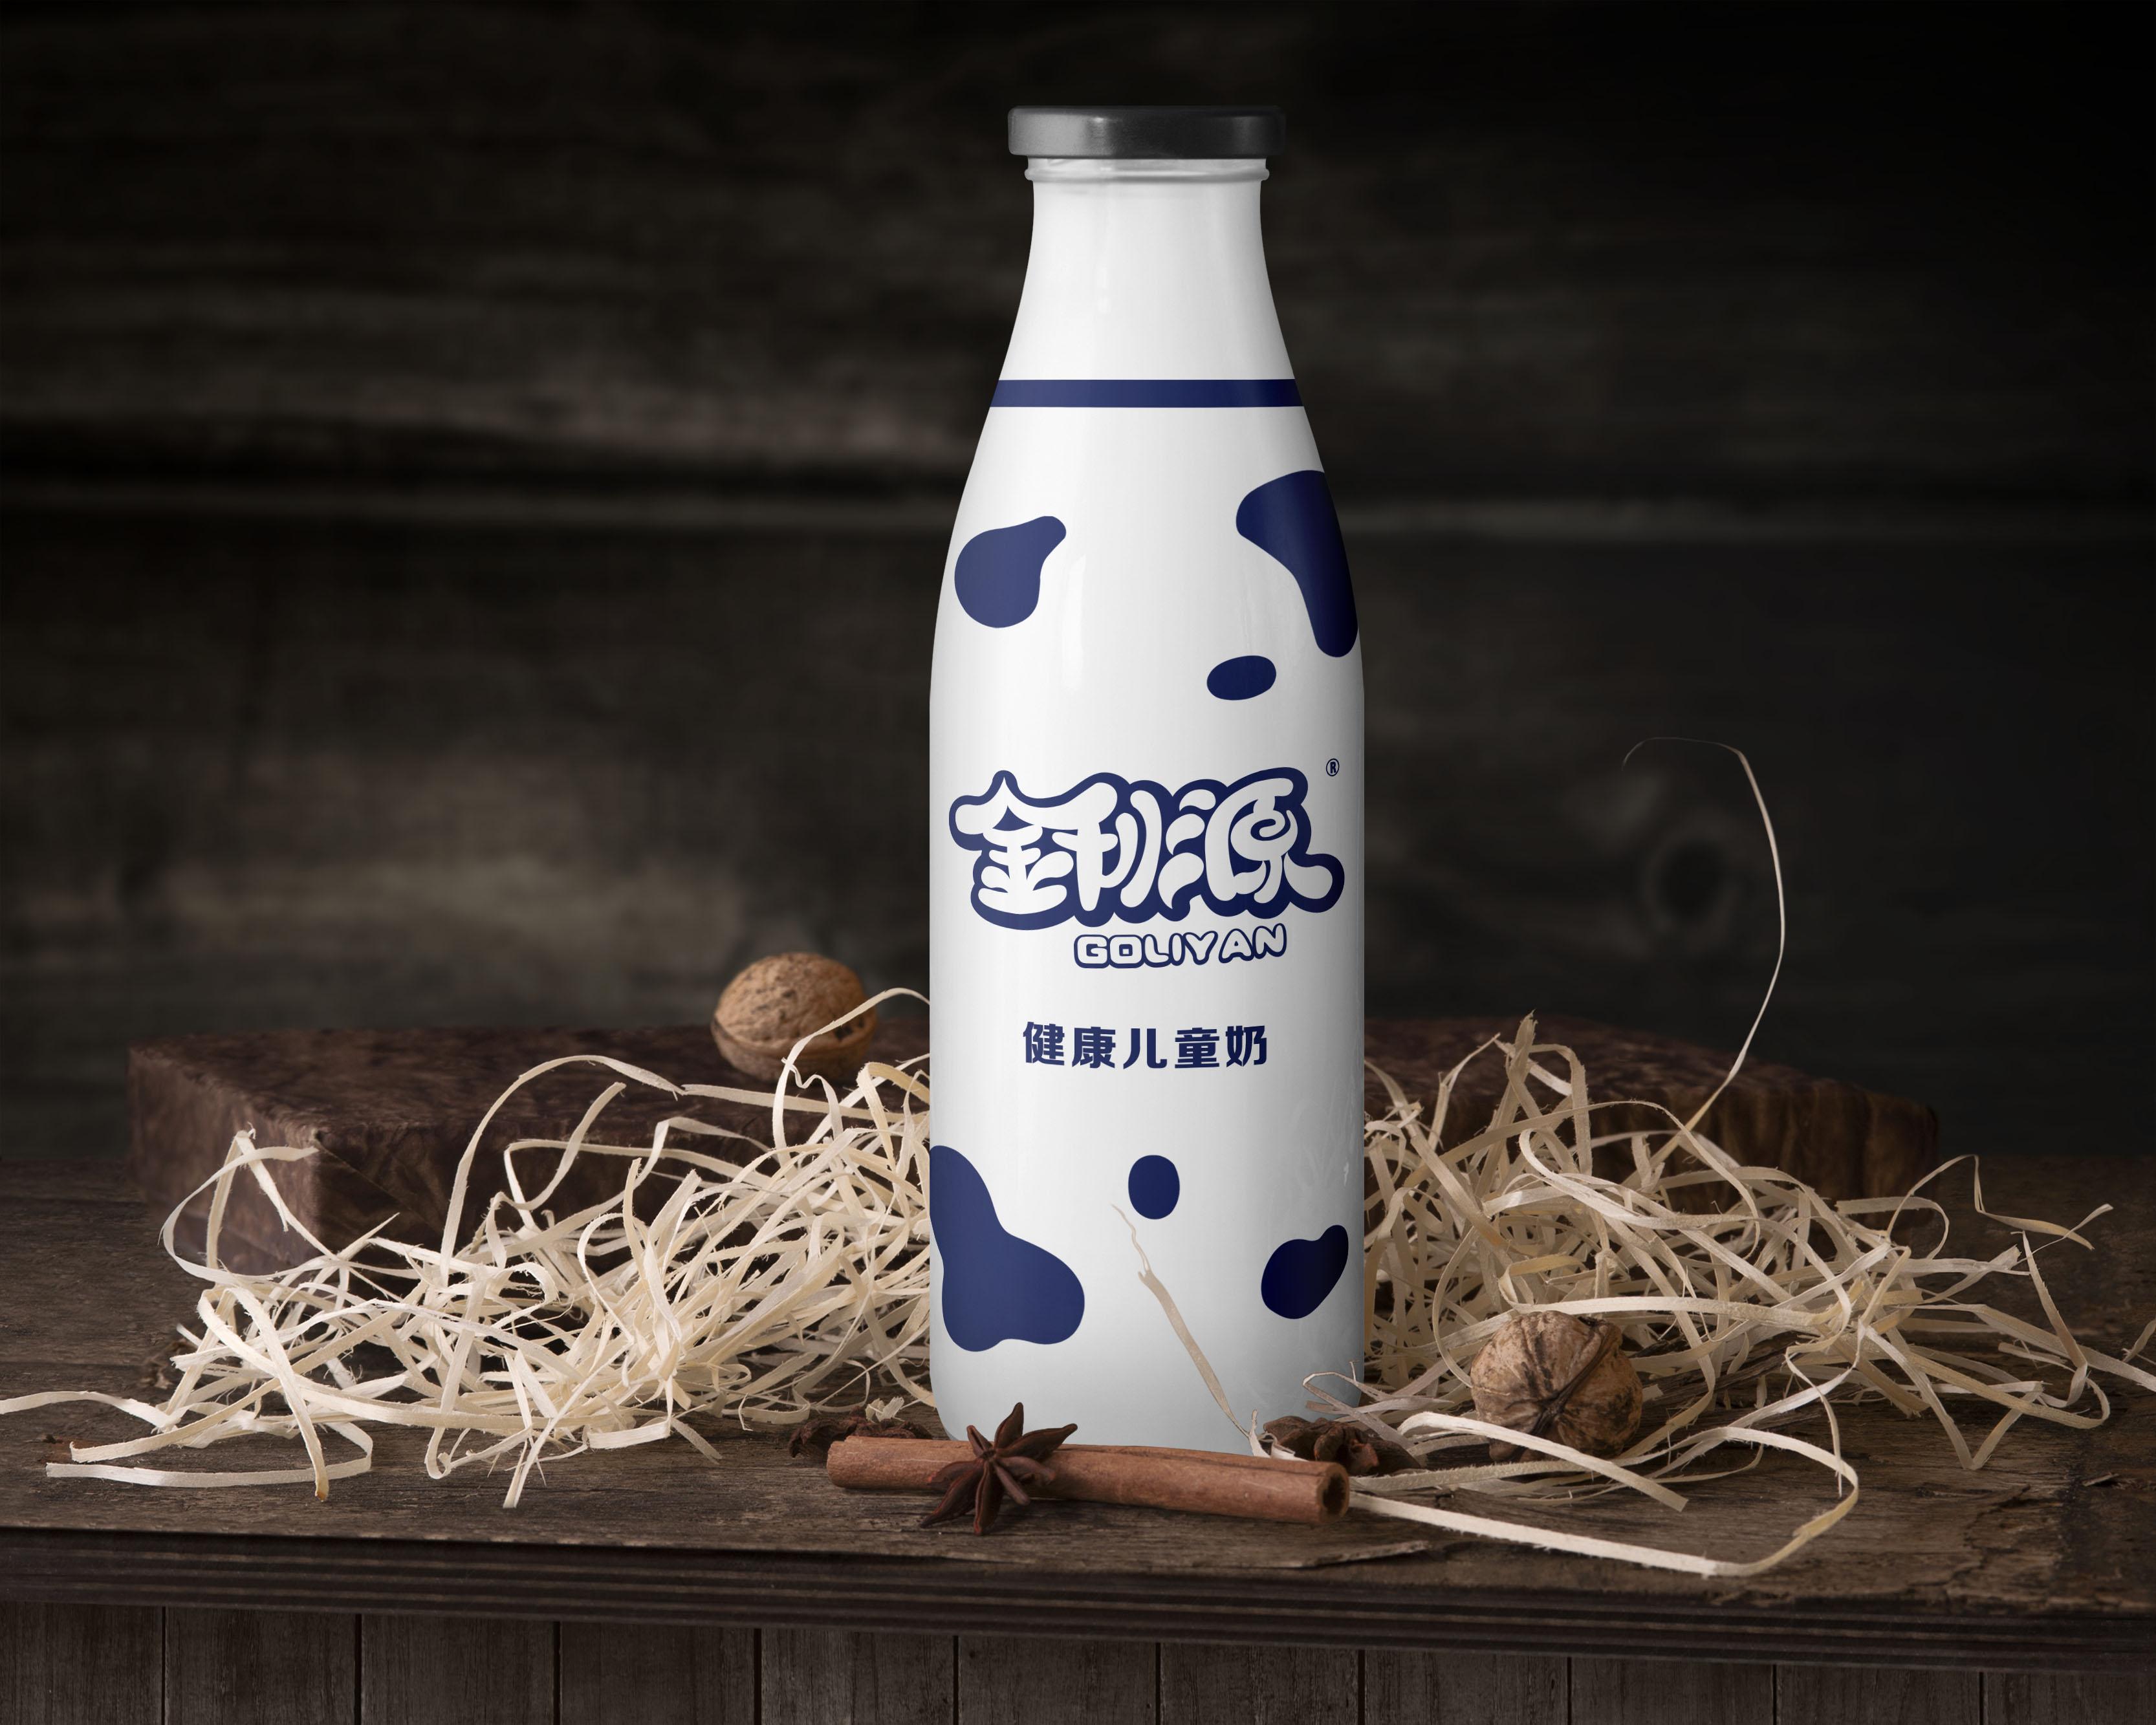 墨雨高端创意包装设计零食酒水食品餐饮农业果手提袋包装礼盒设计